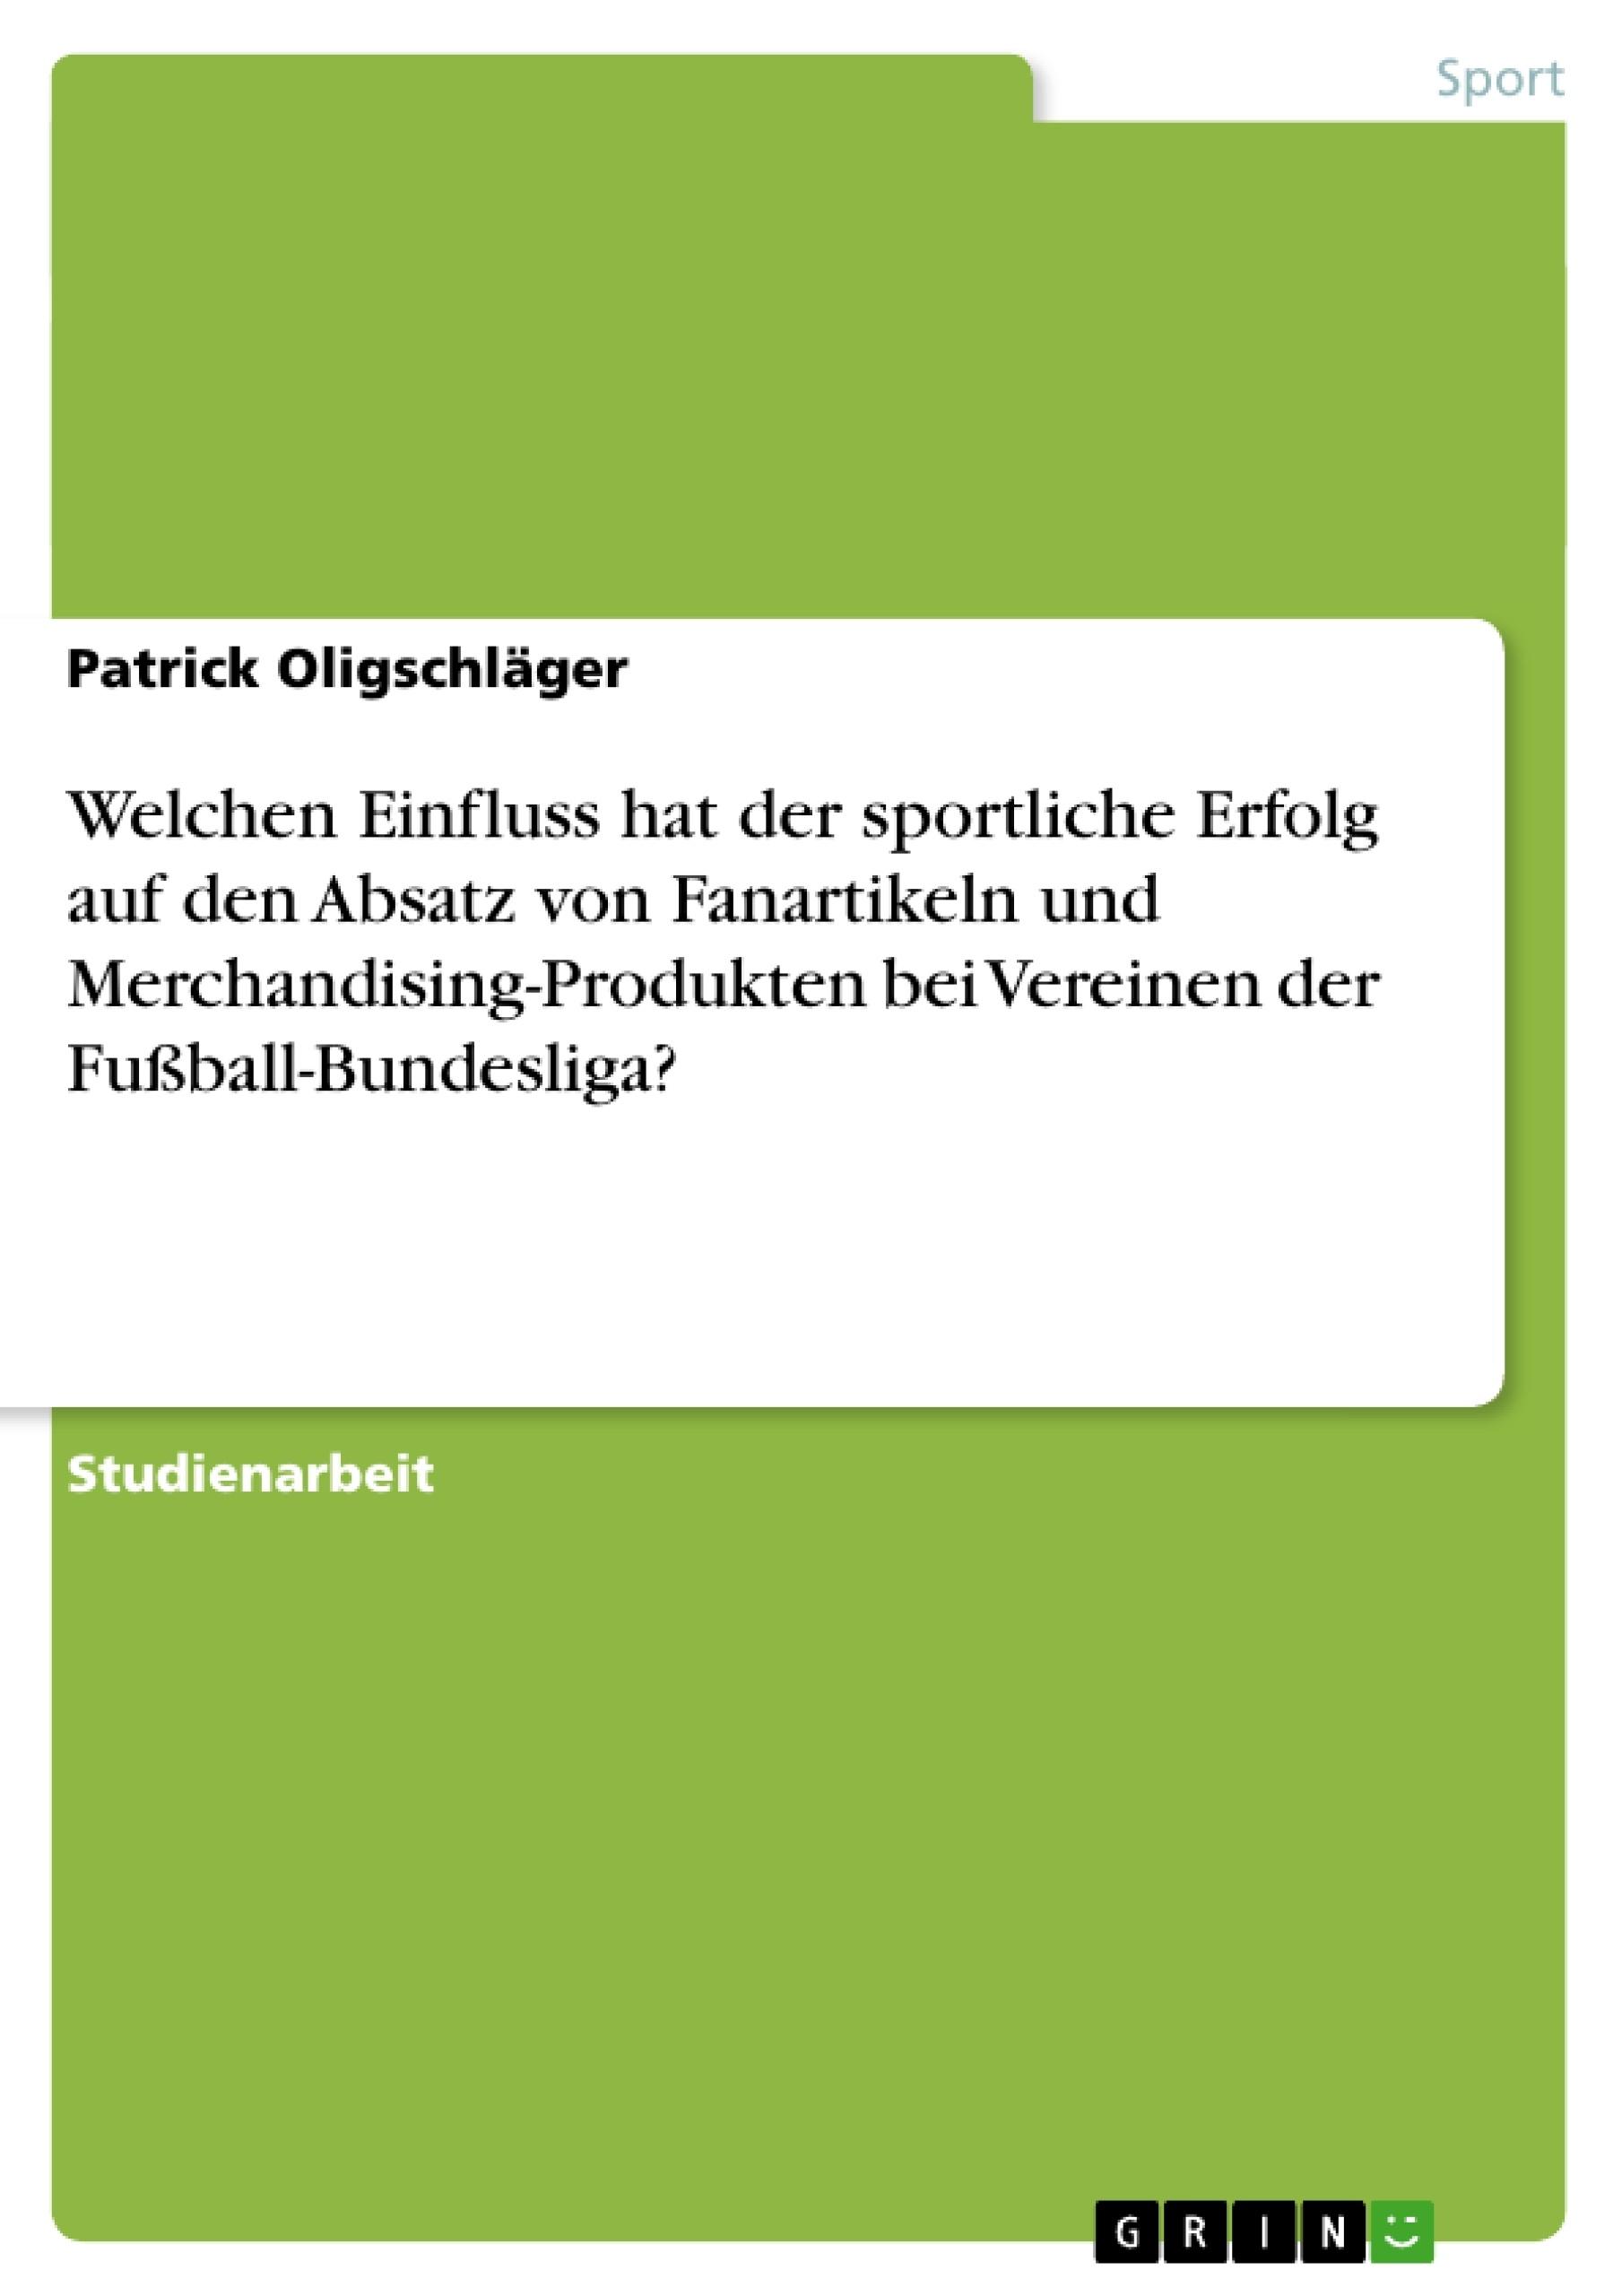 Titel: Welchen Einfluss hat der sportliche Erfolg auf den Absatz von Fanartikeln und Merchandising-Produkten bei Vereinen der Fußball-Bundesliga?